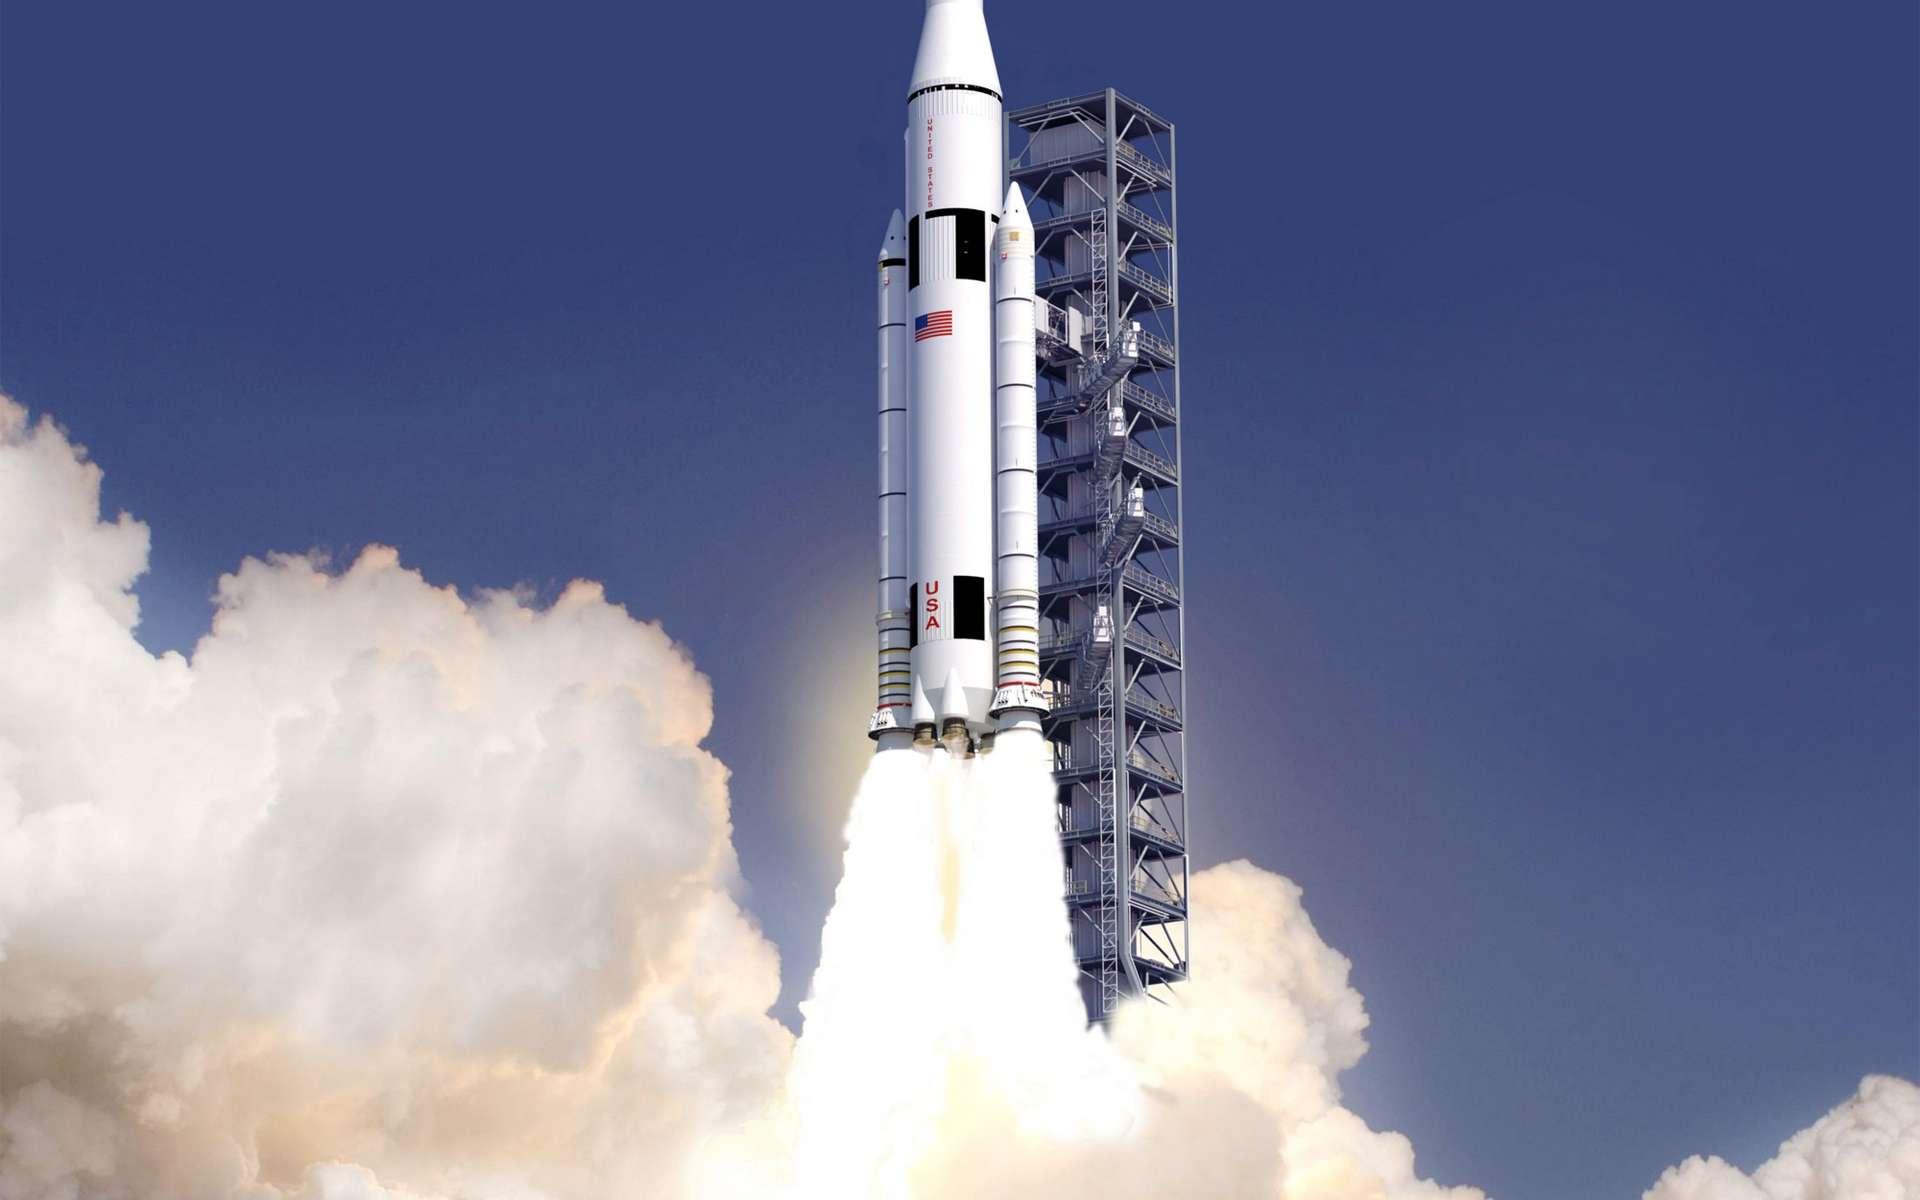 La Nasa vient de dévoiler son futur lanceur lourd de son système de lancement spatial dont l'objectif est d'emmener des hommes sur un astéroïde et sur Mars. © Nasa